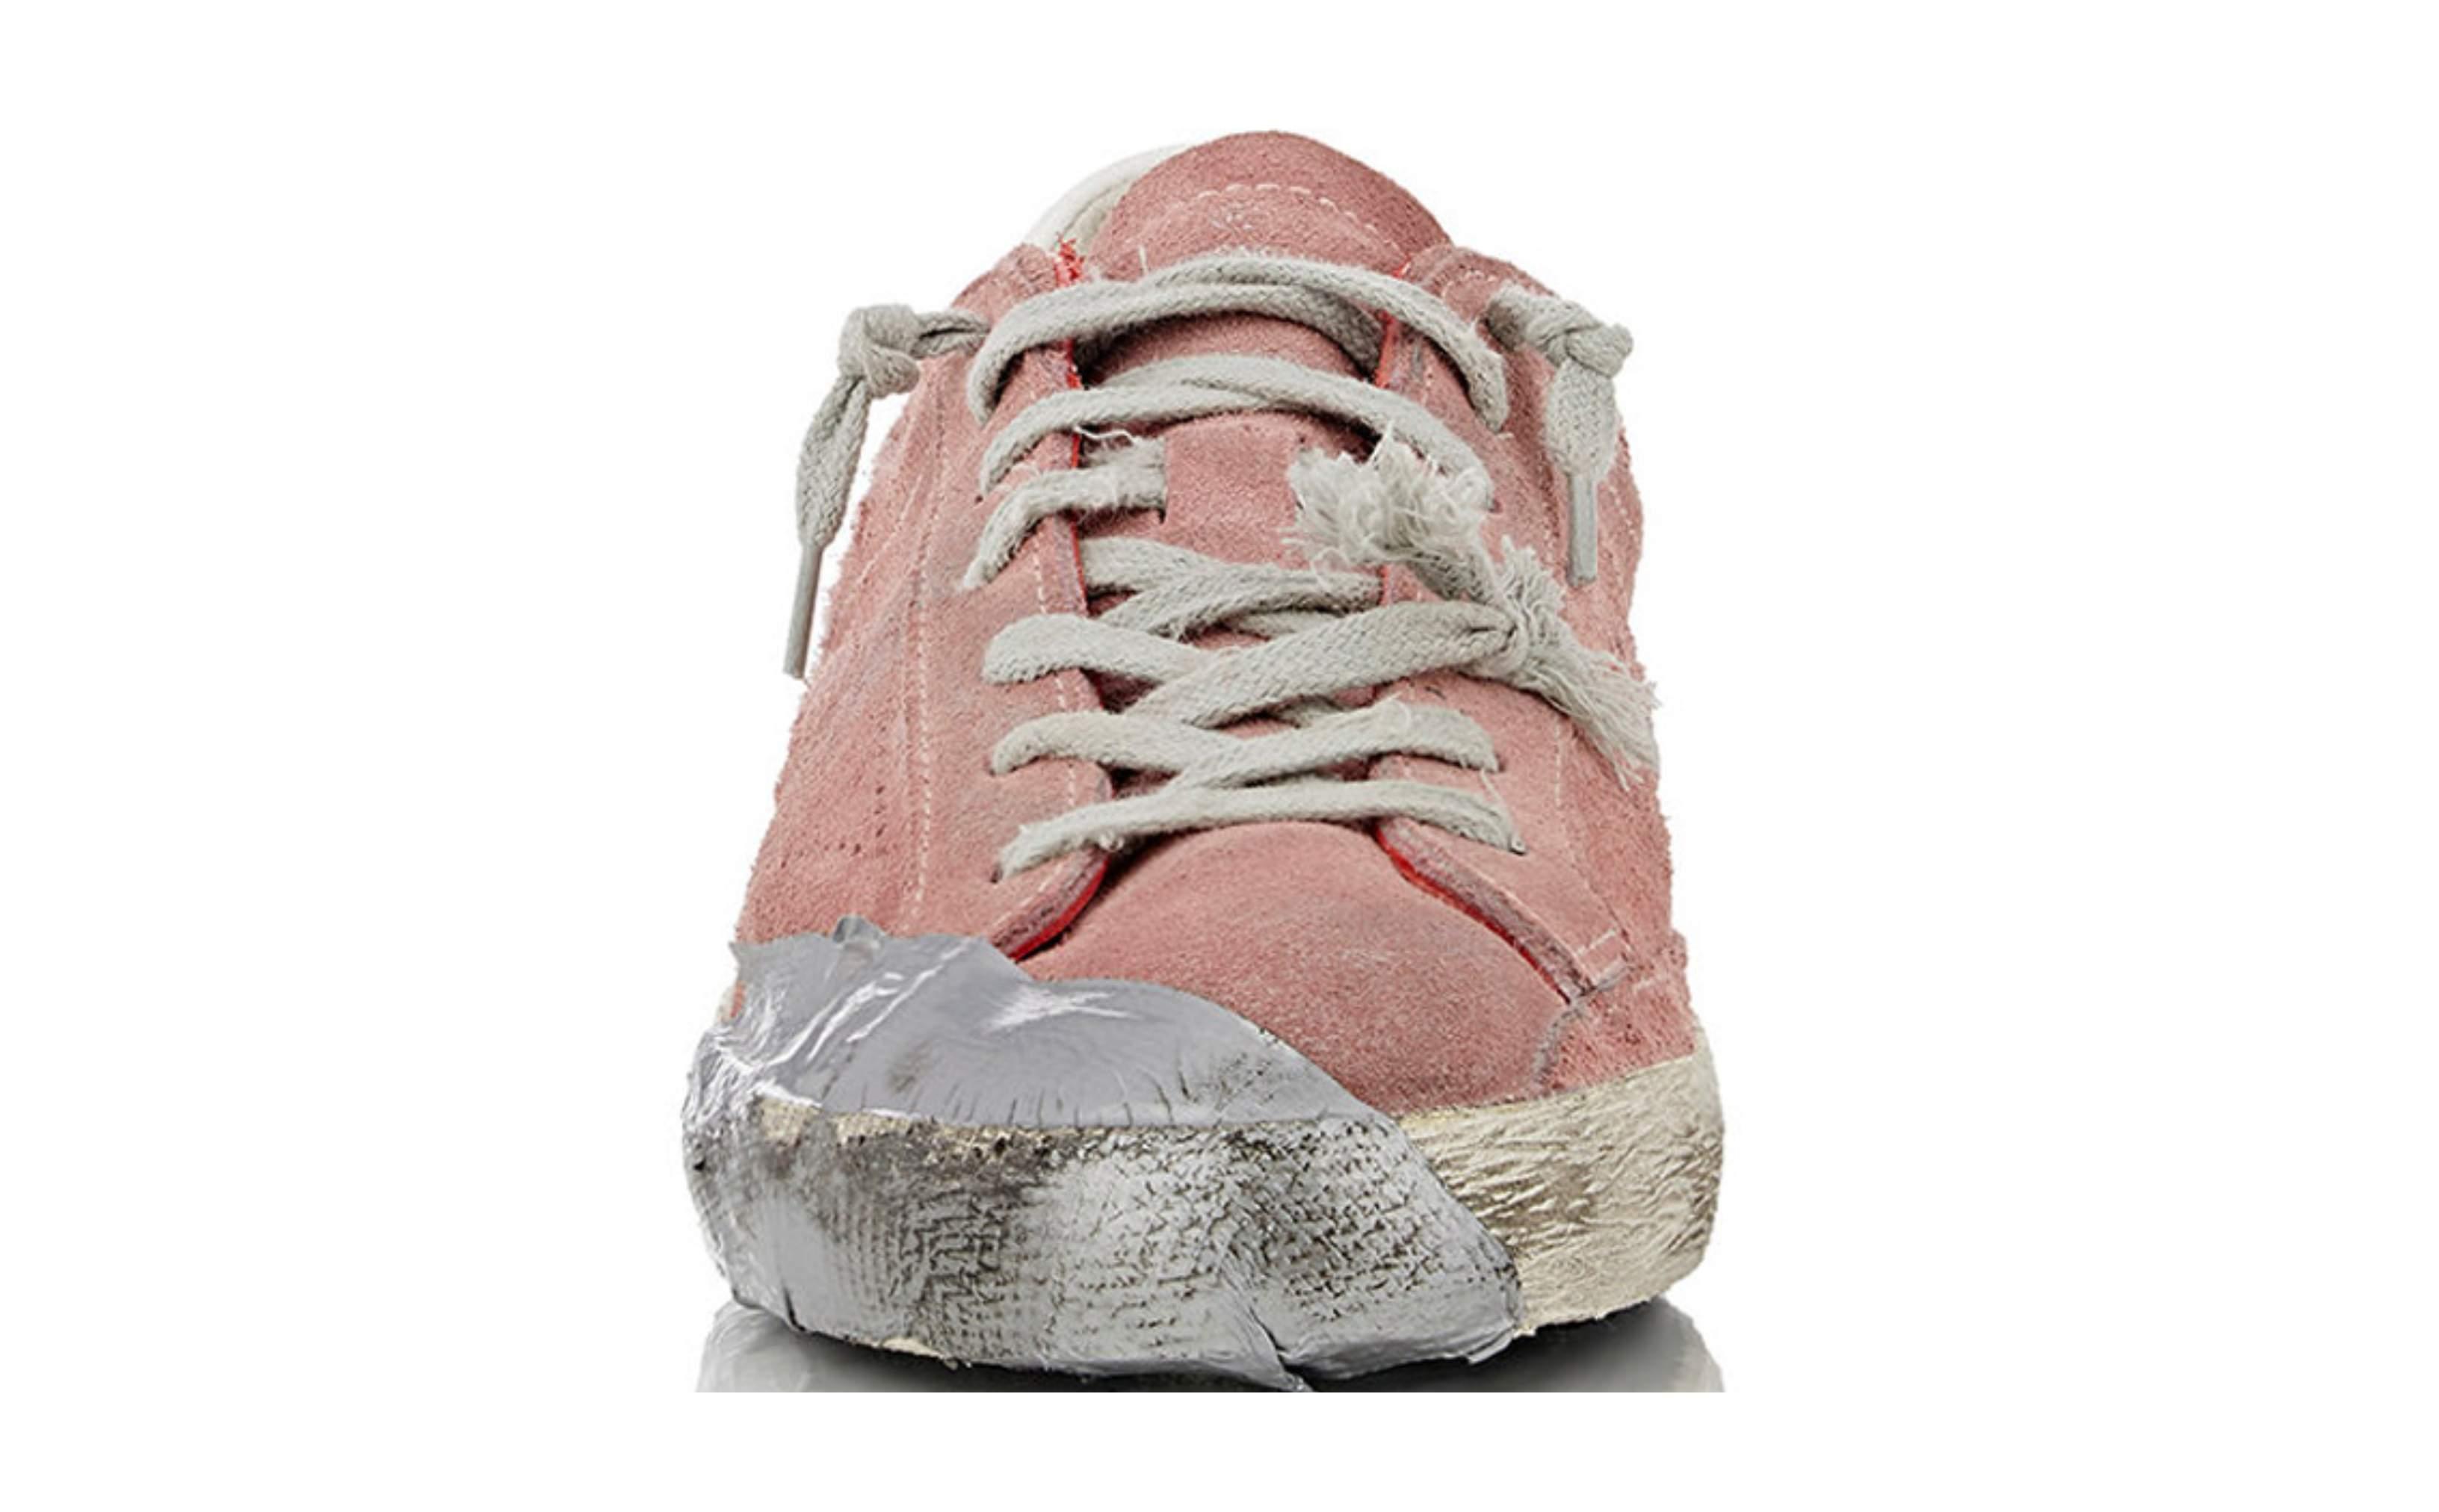 29d877e9 For to år siden gikk flere ut og mente at Golden Goose sine slitte sneakers,  med gaffatape, hull og det hele, var fornærmende mot folk som er hjemløse  og ...